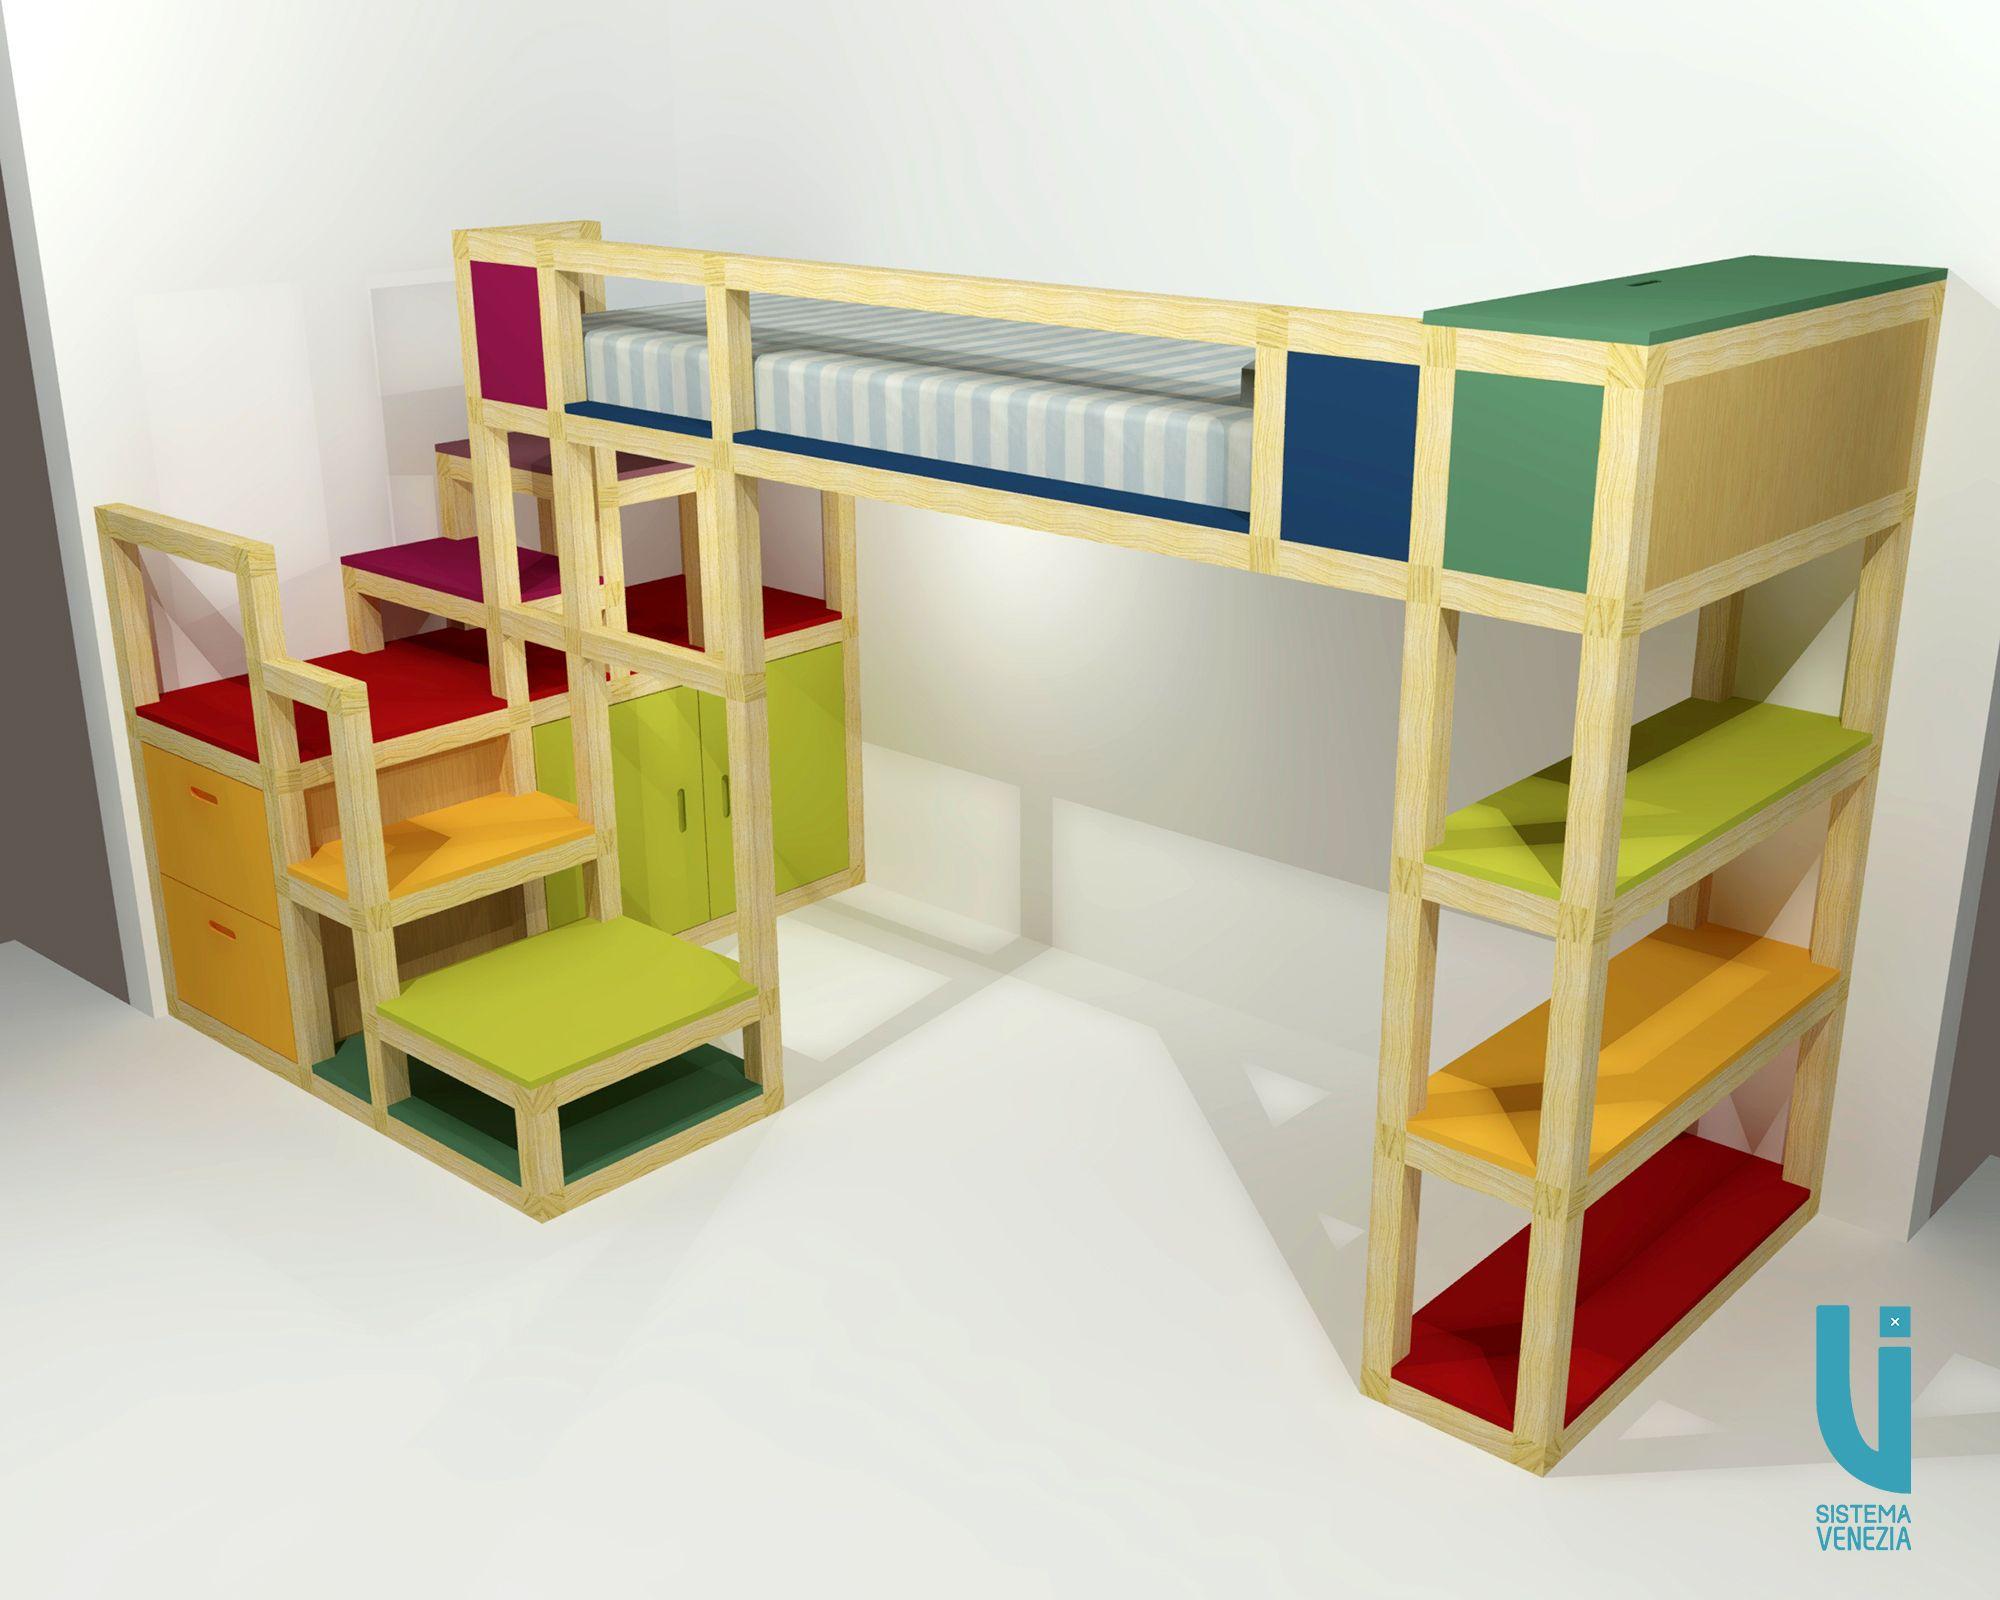 Camera da letto per bambini, realizzata con #SistemaVenezia ...